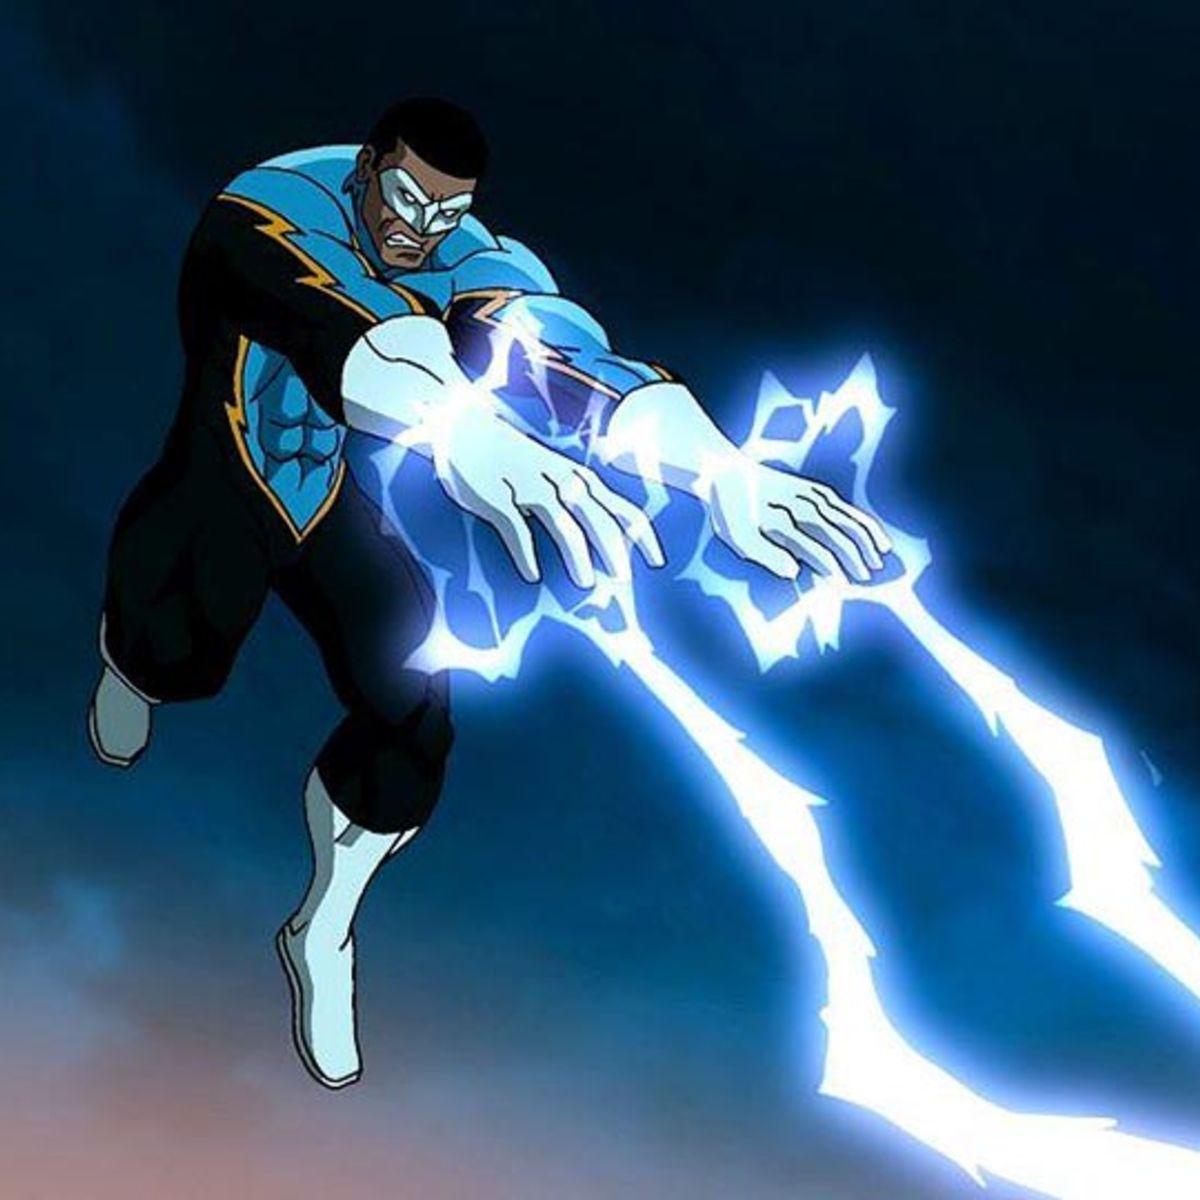 black_lightning_hero_02.jpg